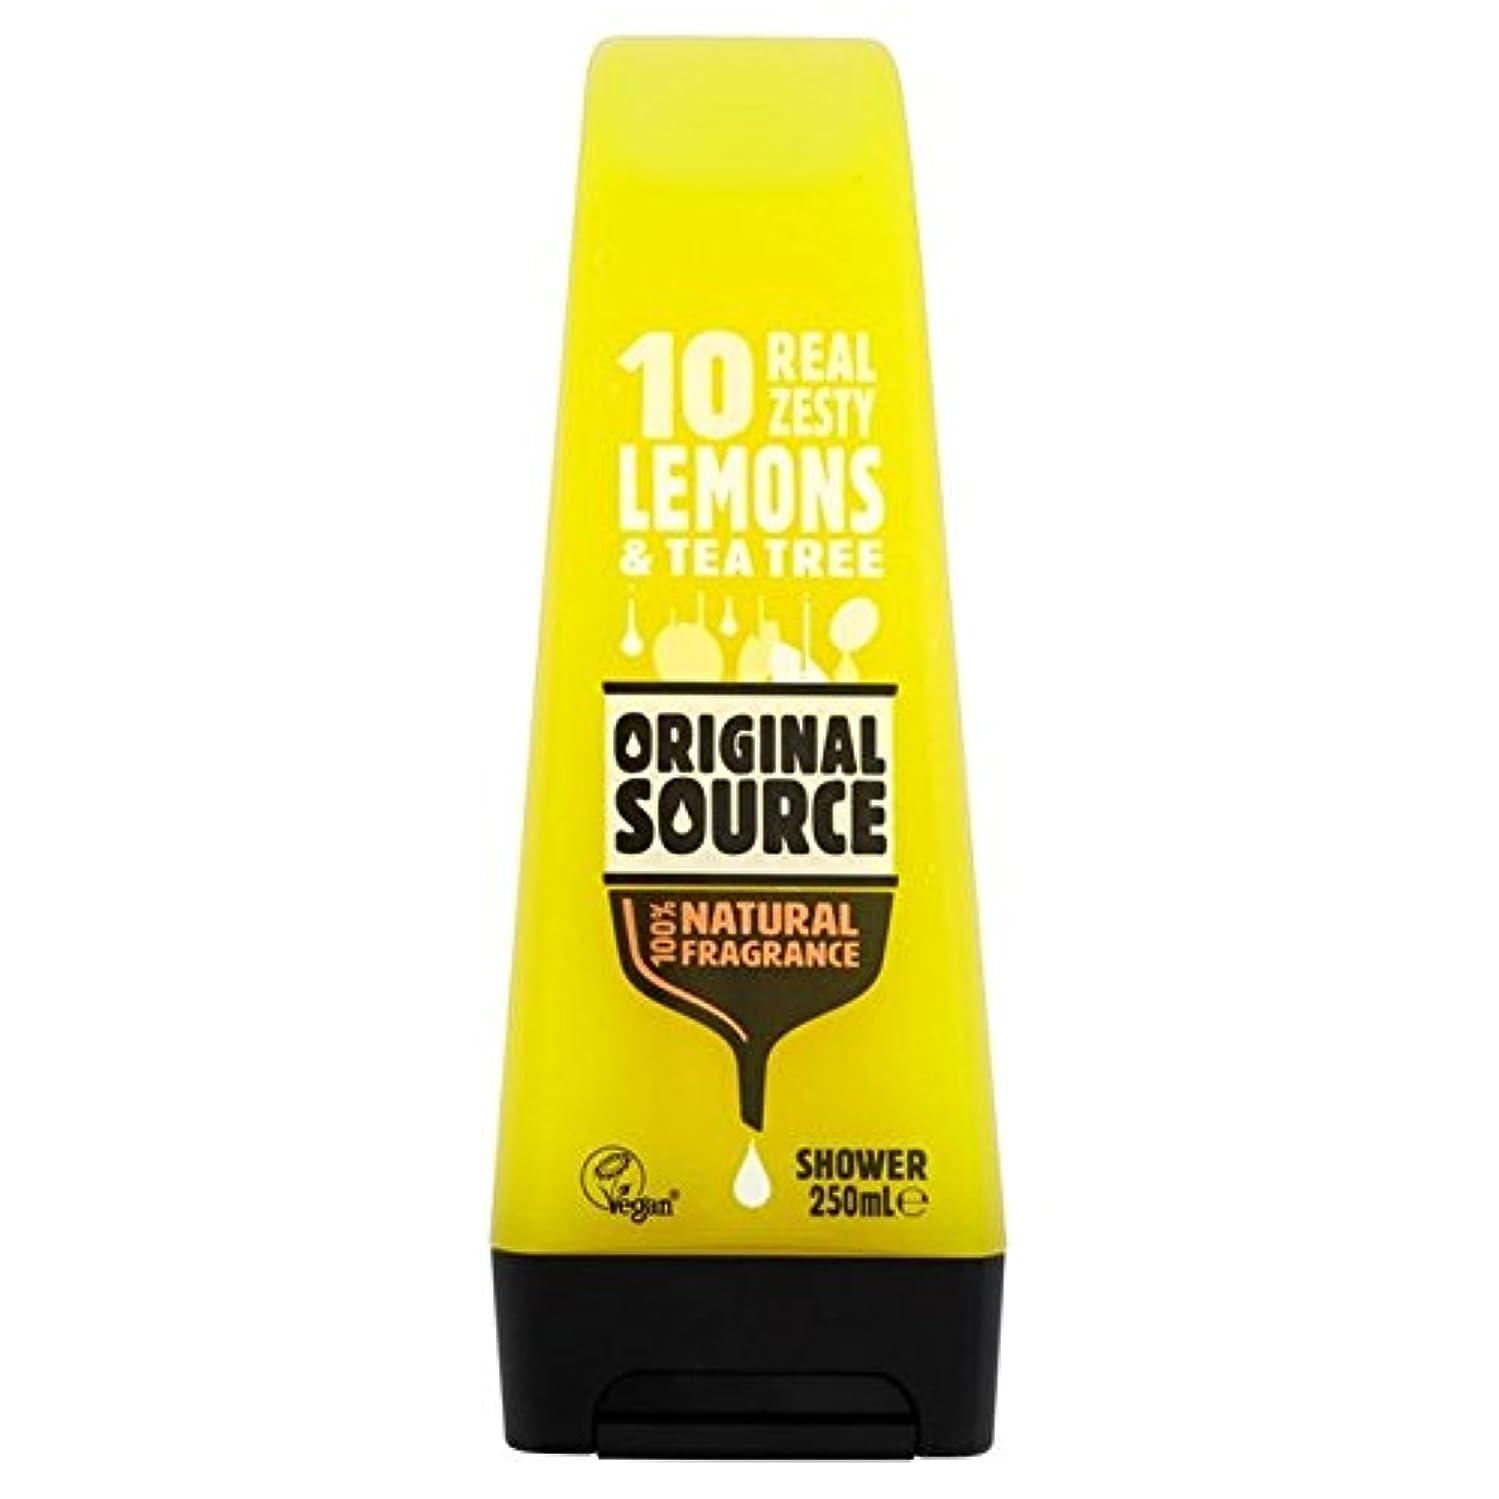 余計な傑作兄弟愛元のソースのレモンシャワージェル250ミリリットル x2 - Original Source Lemon Shower Gel 250ml (Pack of 2) [並行輸入品]